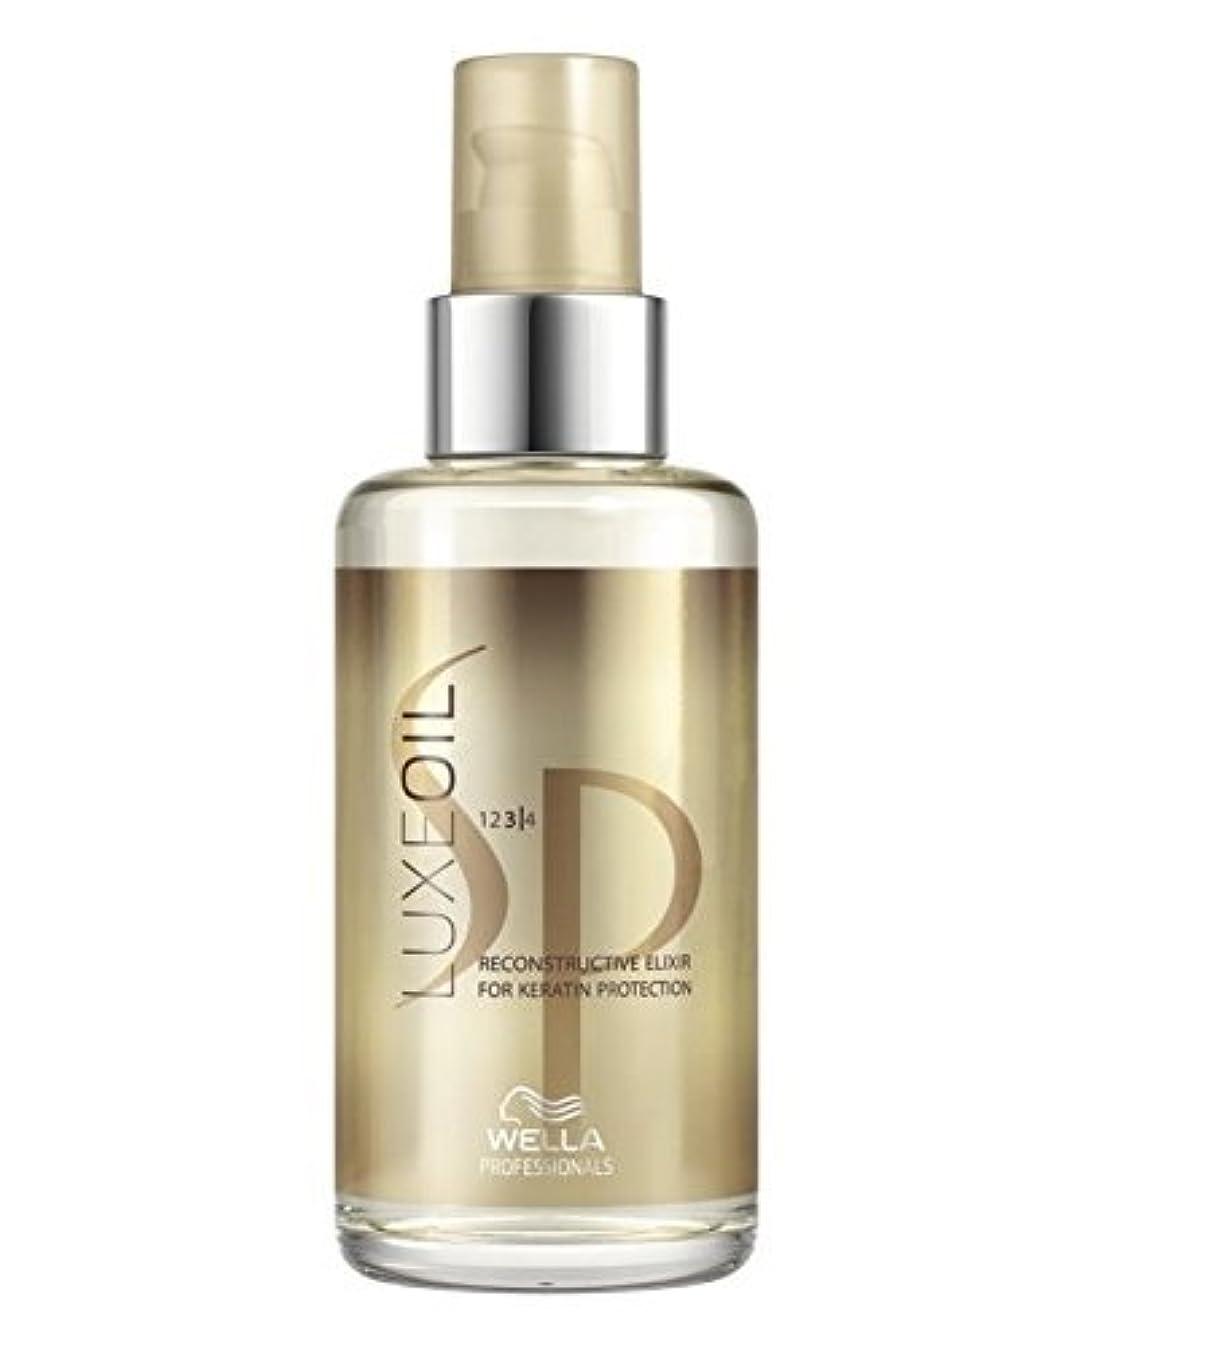 報酬の法王ベギンSP by Wella Luxe Hair Oil Reconstructive Elixir 100ml by Wella [並行輸入品]